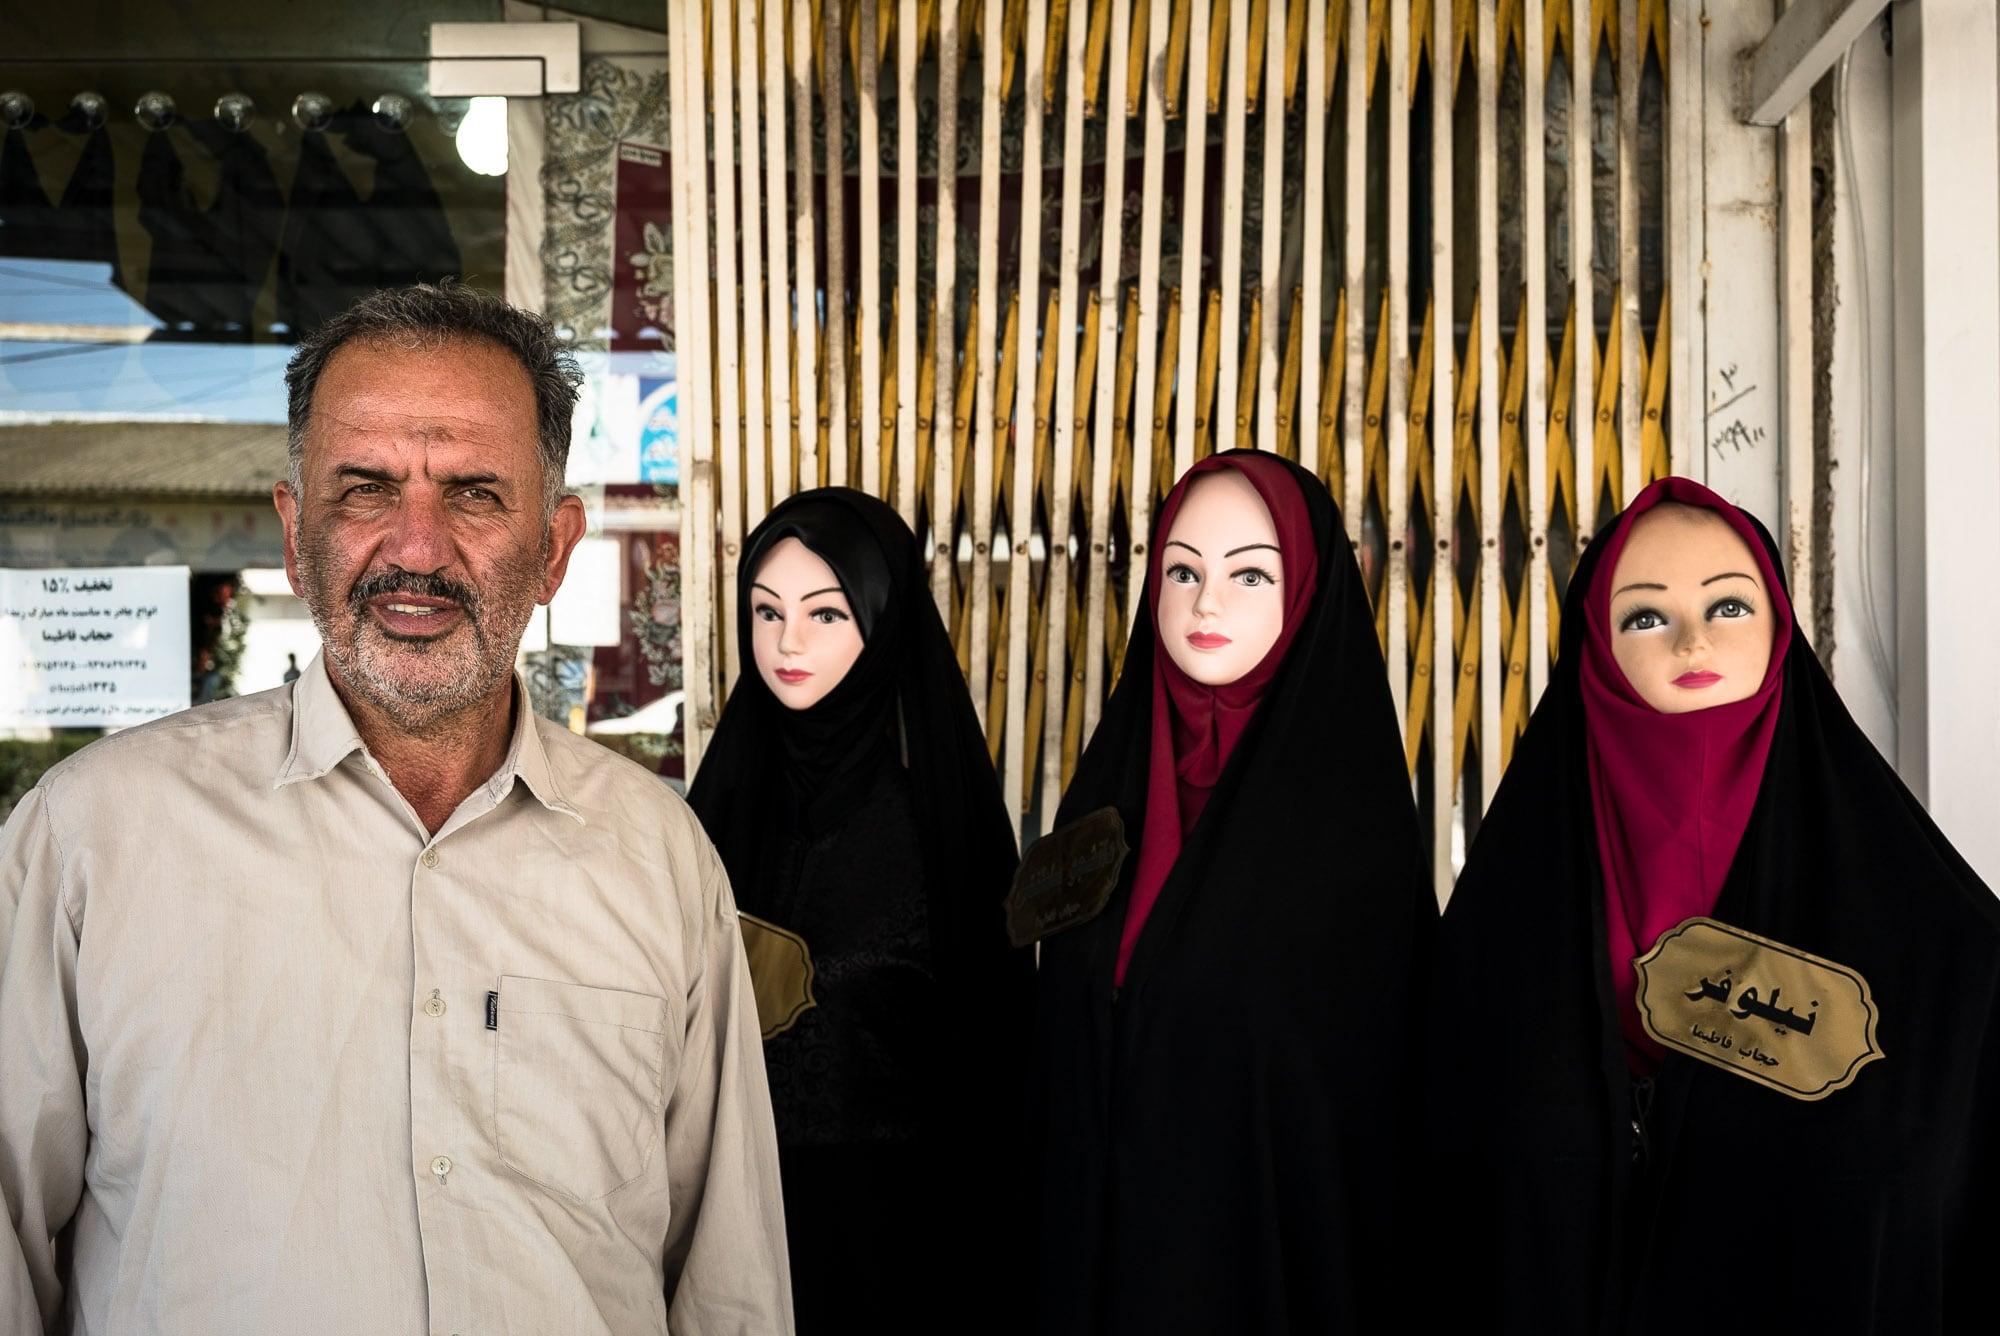 chador shop owner